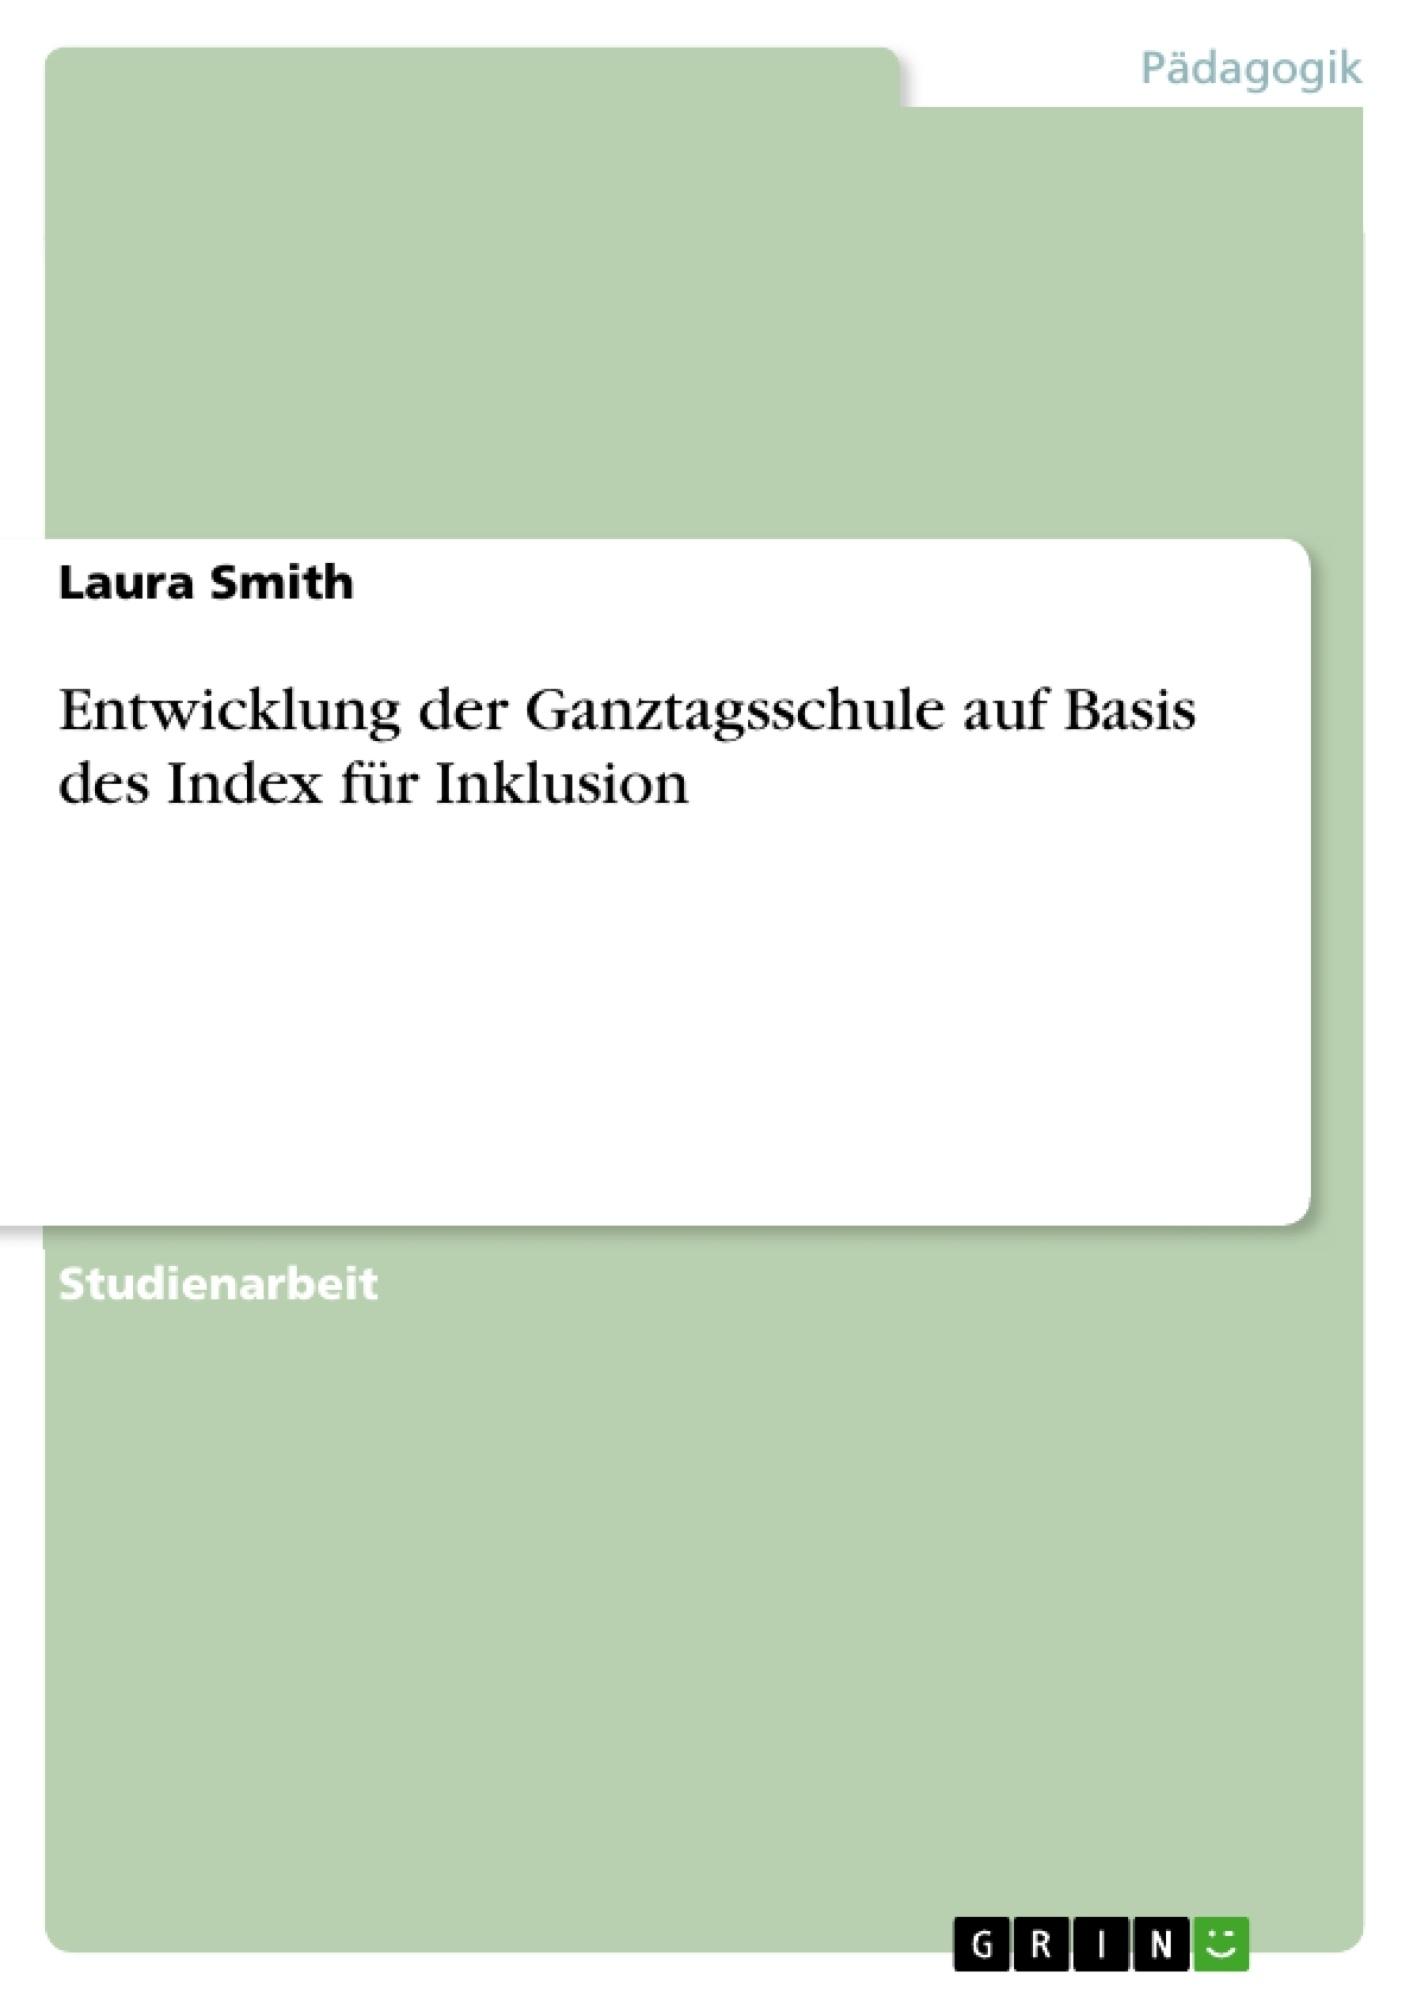 Titel: Entwicklung der Ganztagsschule auf Basis des Index für Inklusion